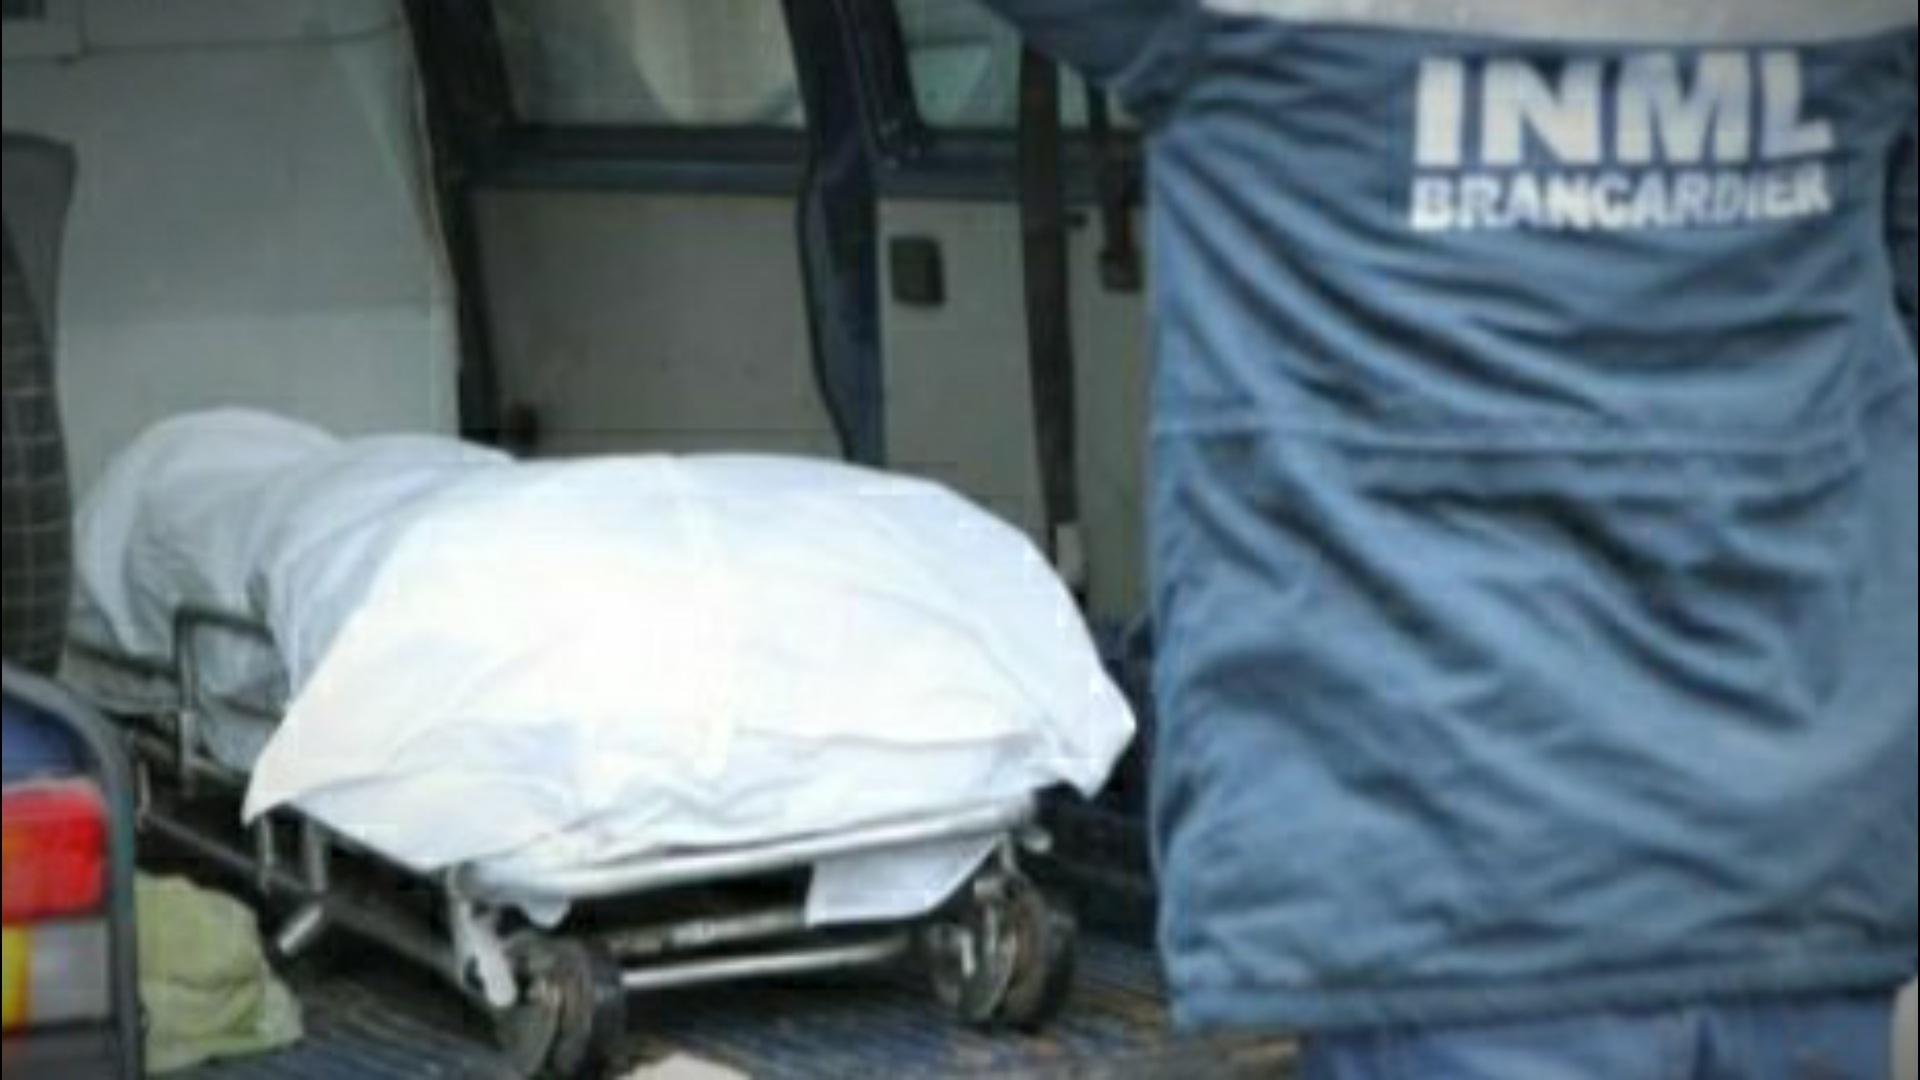 Un bărbat din județul Neamț s-a aruncat în fața unei autoutilitare, în urma impactului acesta a murit